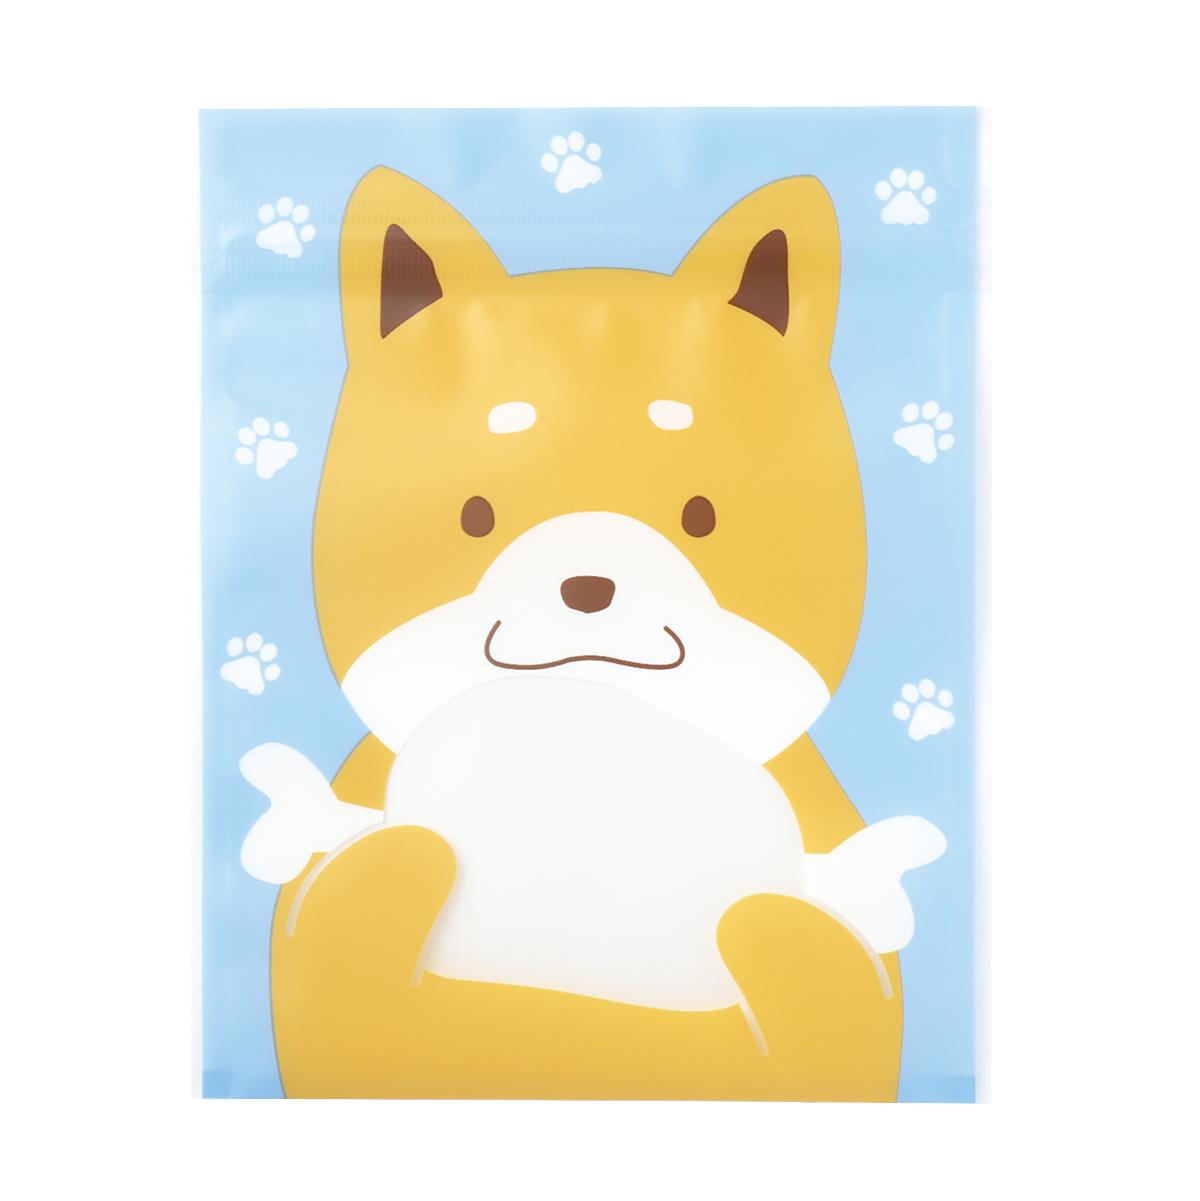 【ジッパーバッグ】ジップBAG シバイヌ